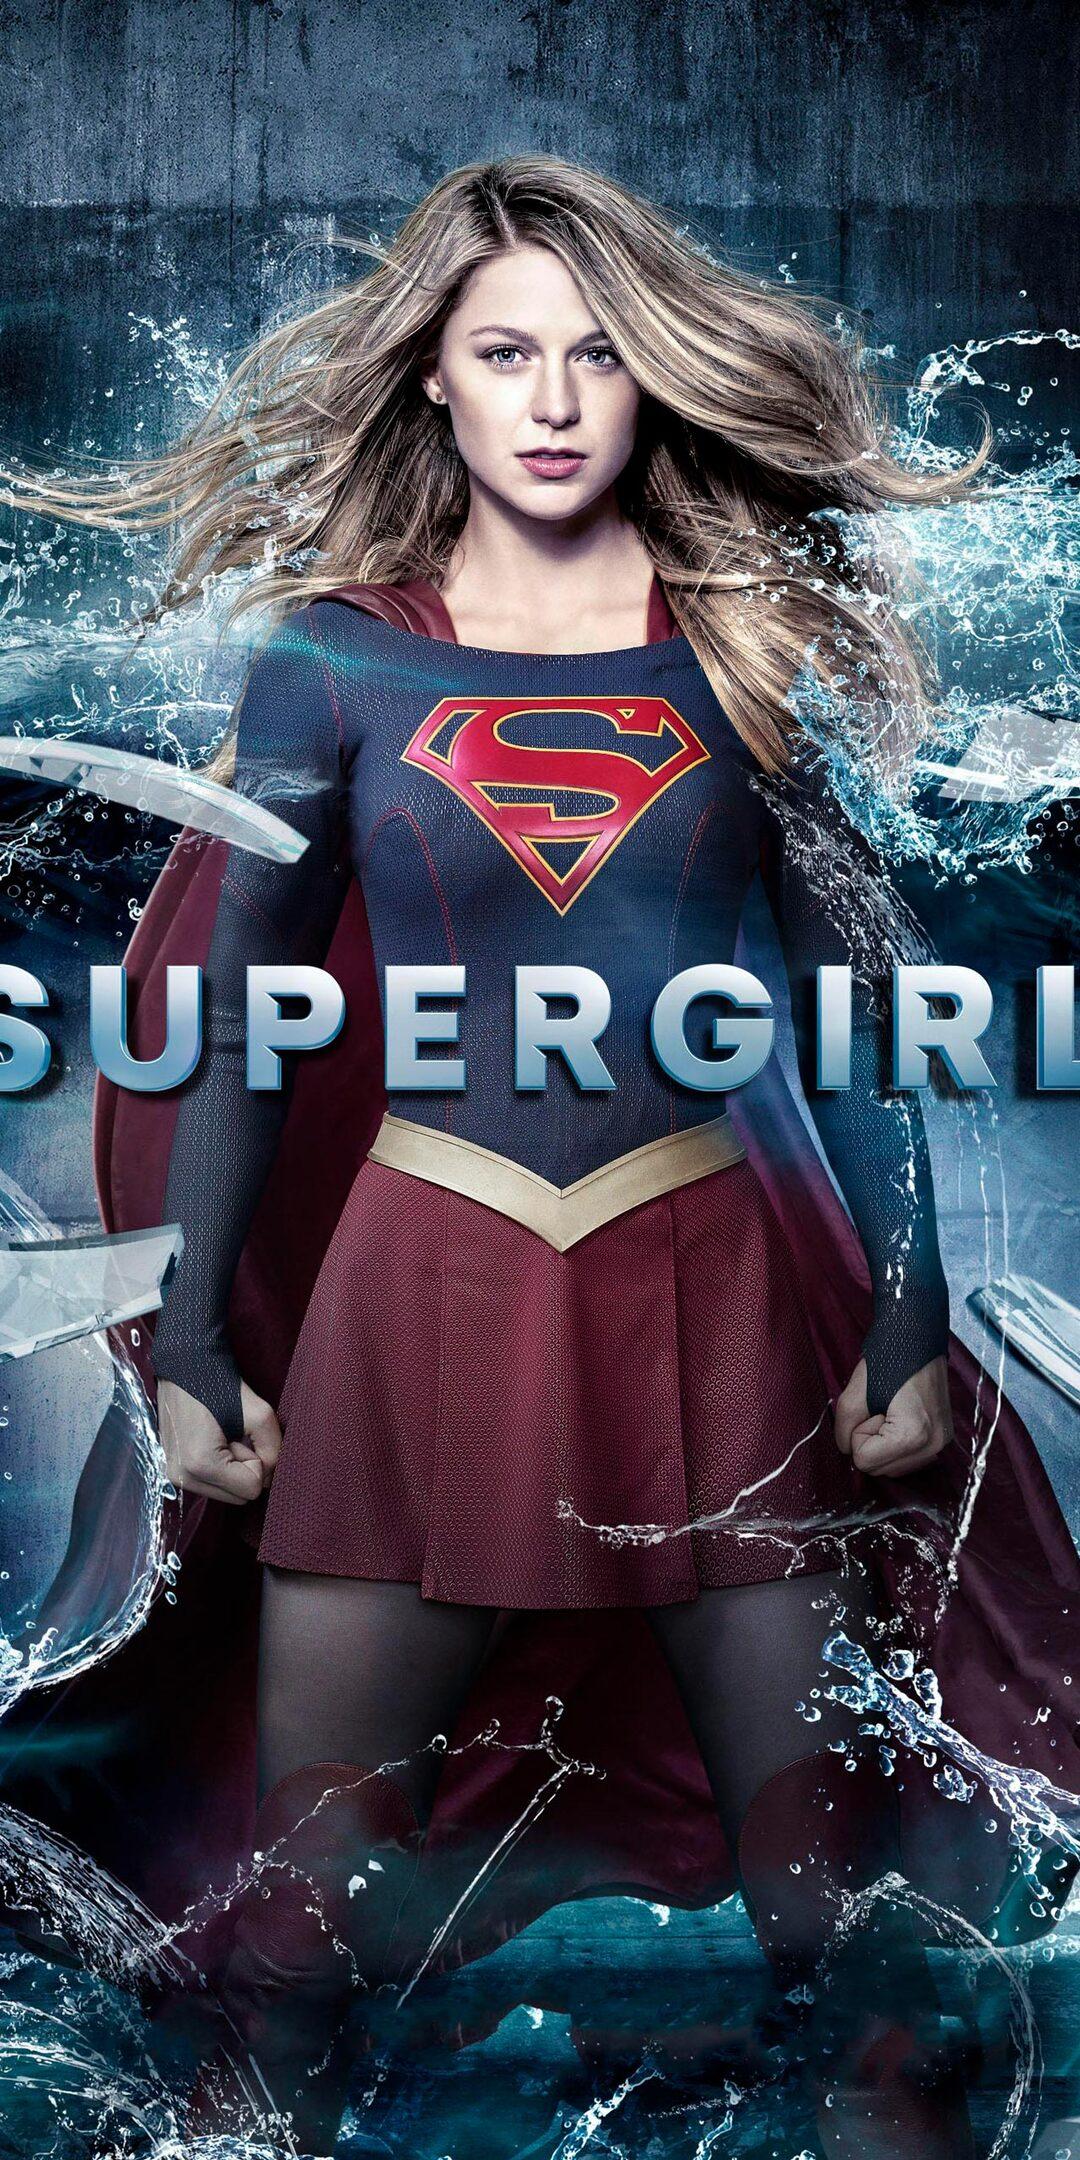 supergirl-2017-po.jpg